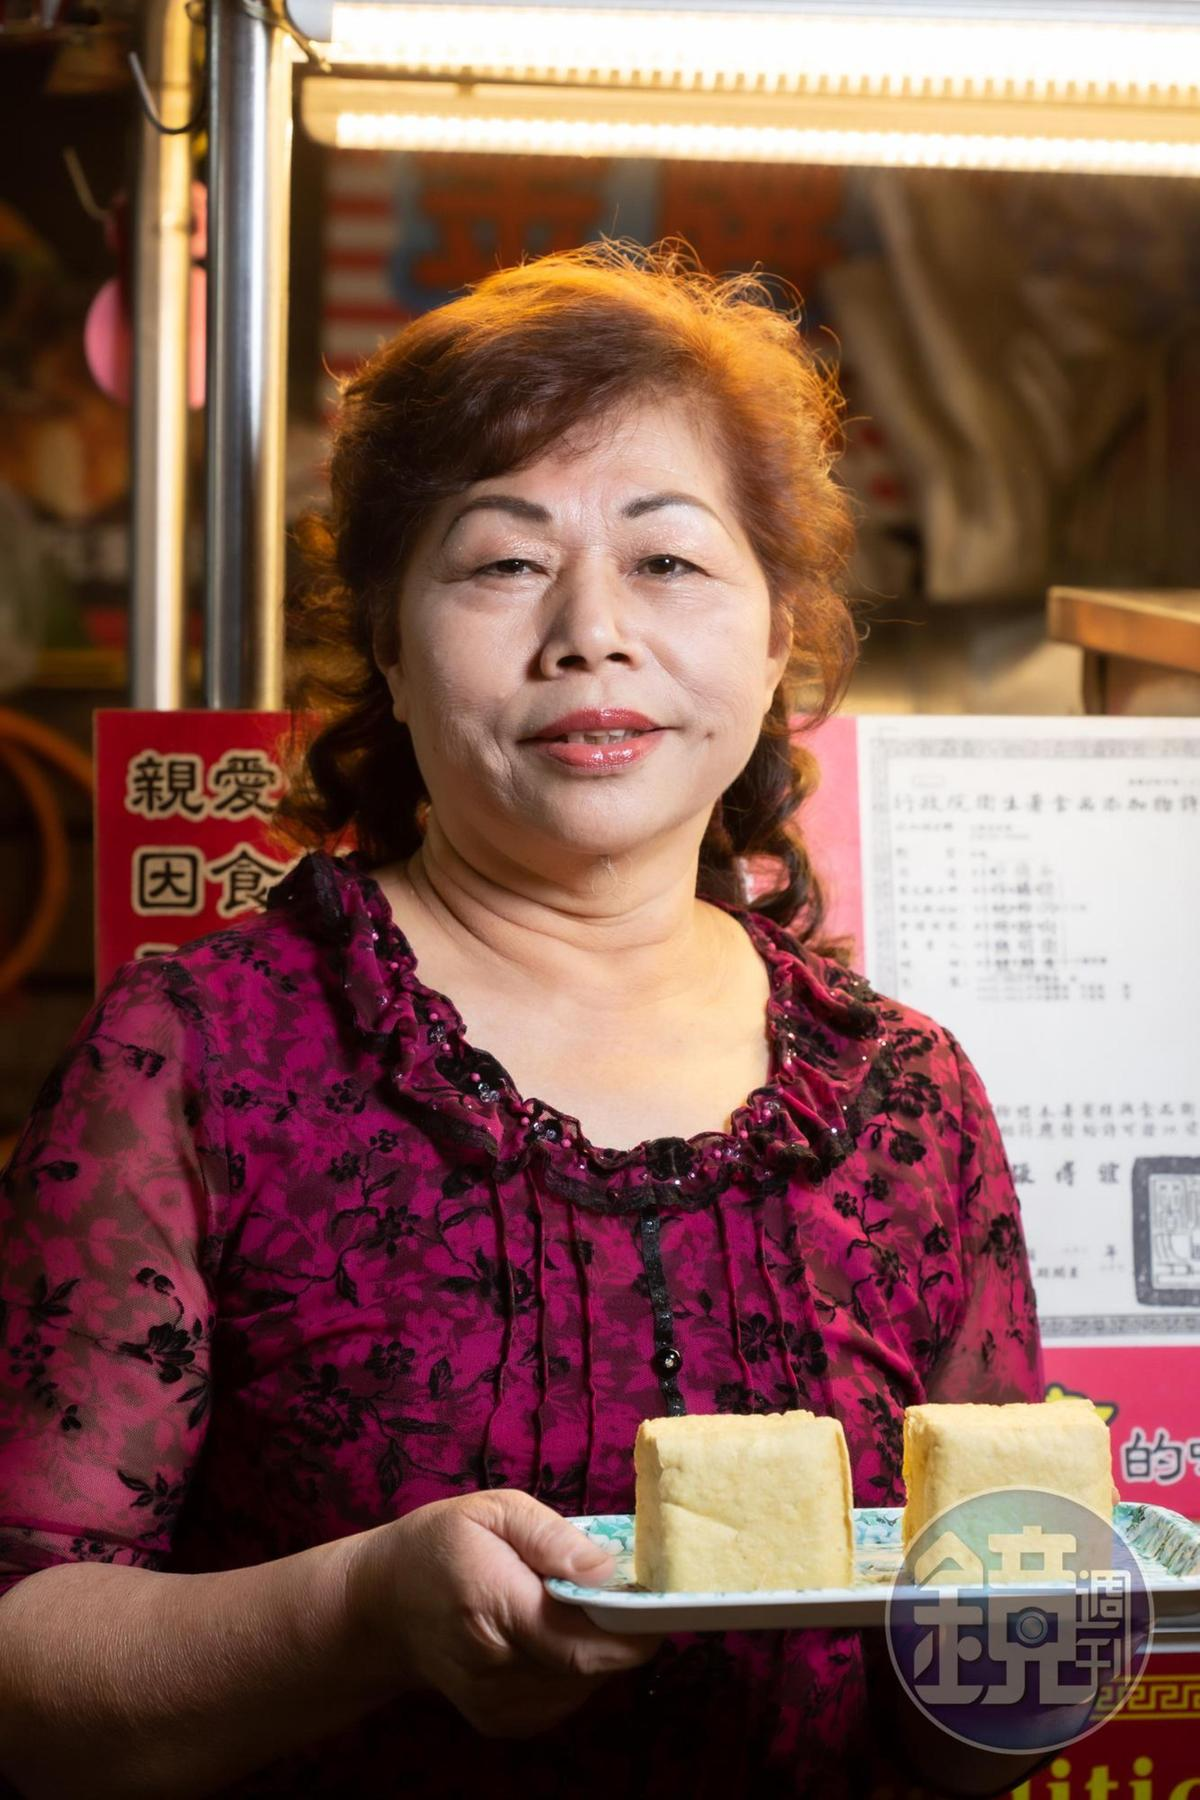 「金牌巨無霸香酥臭豆腐」老闆娘施聖英,特別訂製尺寸是一般2到3倍大的臭豆腐。